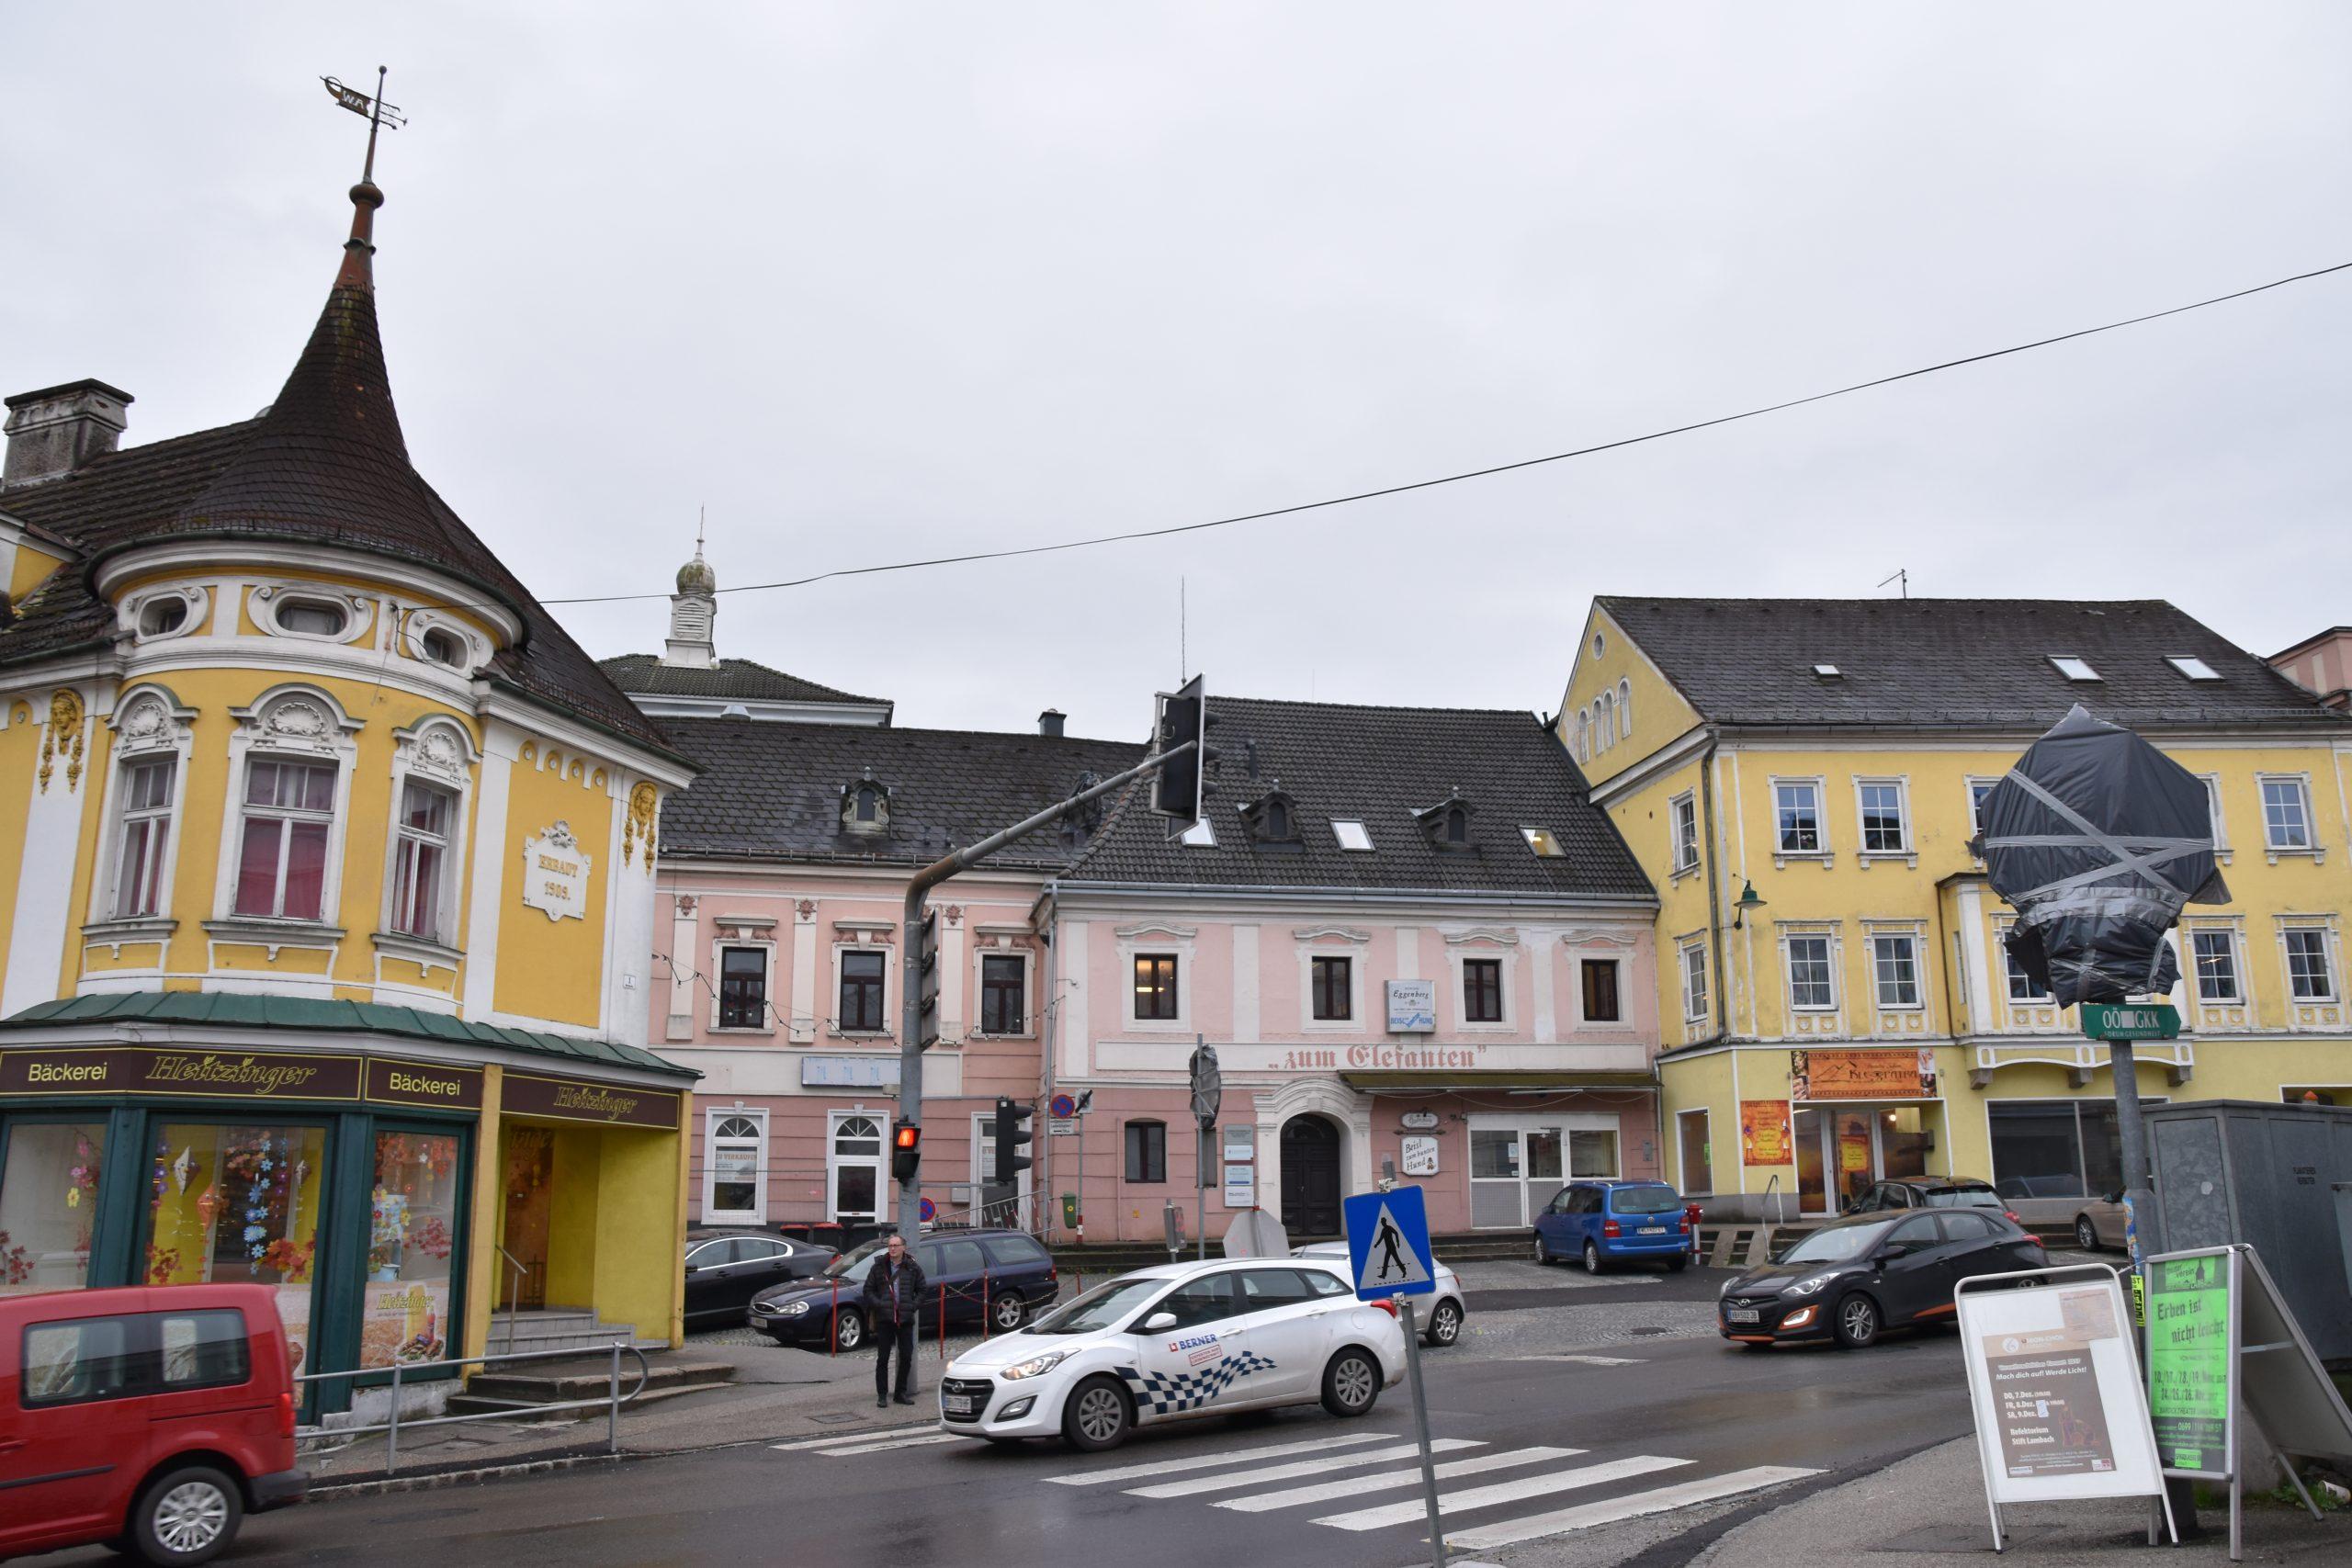 ドイツ・オーストリアでの住宅用太陽光発電の普及事例